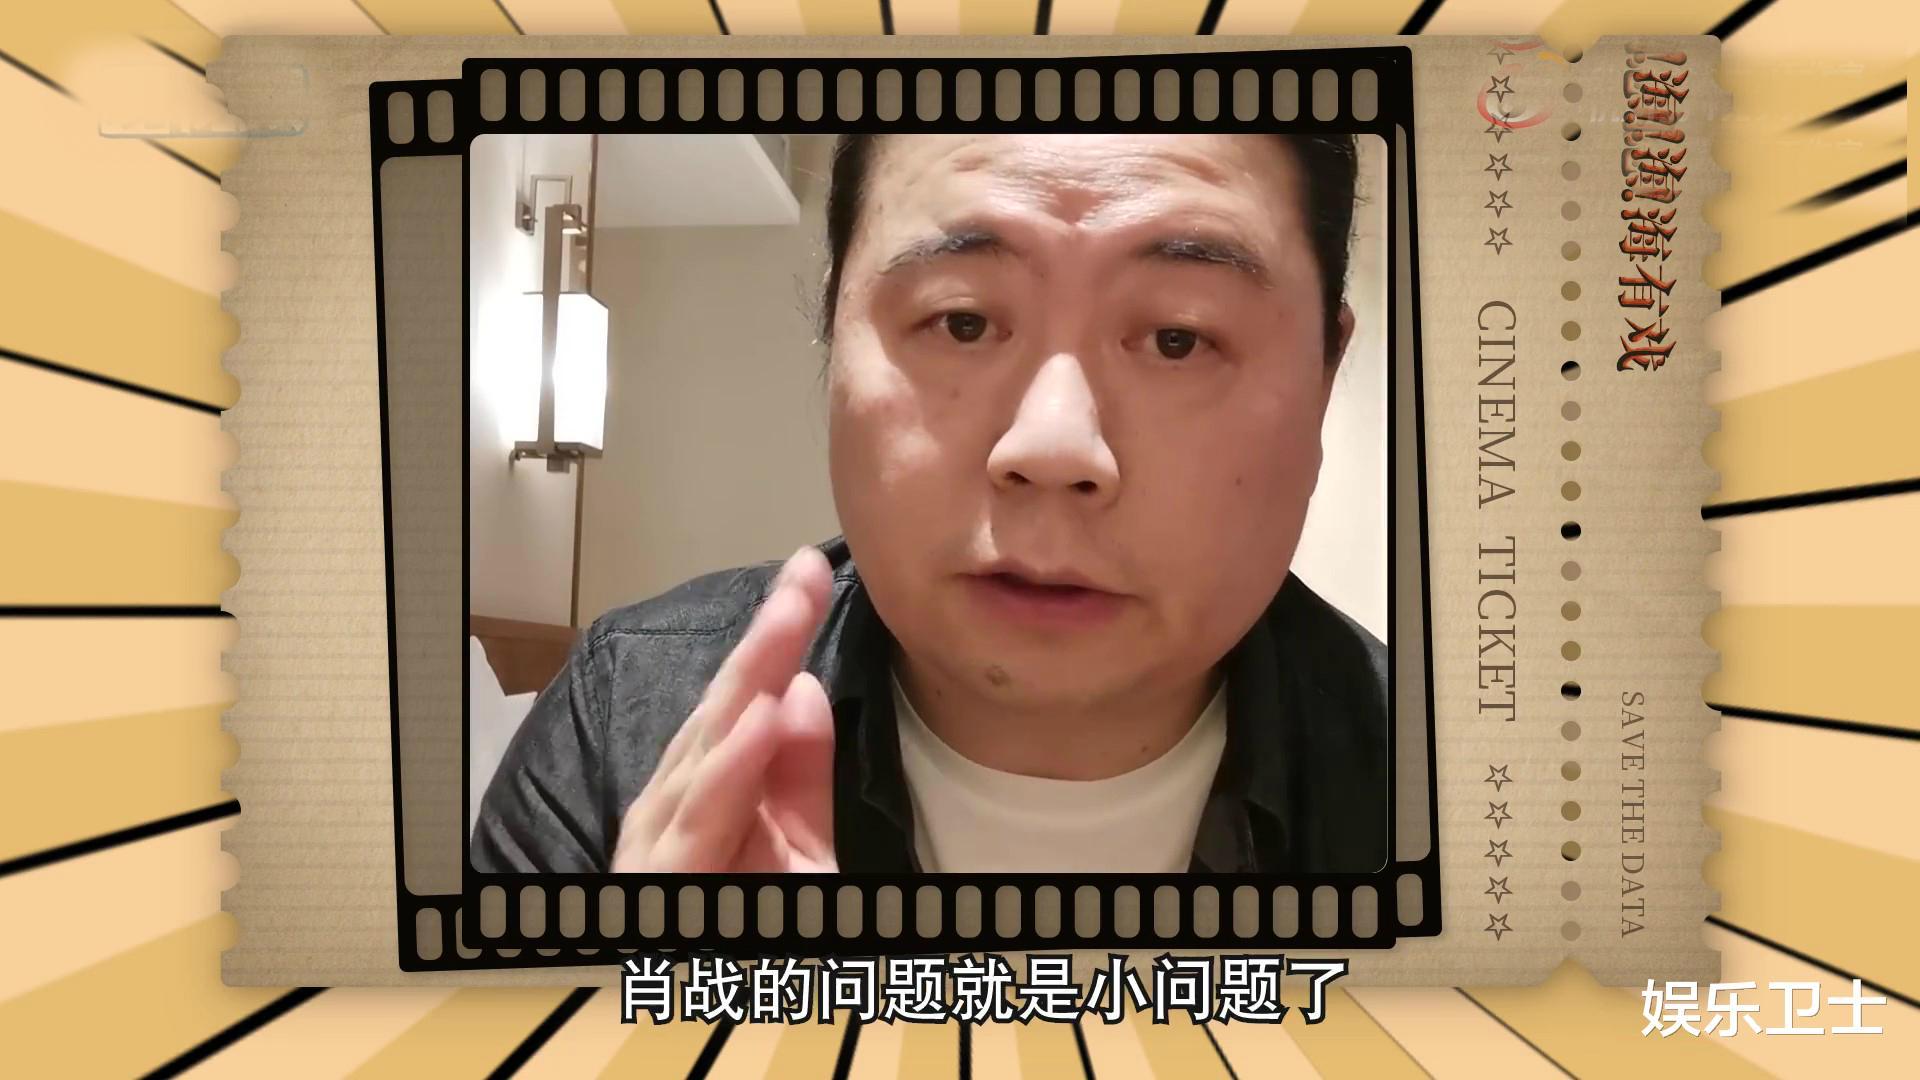 知名編劇汪海林點評解約事件, 表揚張藝興黃軒, 評肖戰代言李寧卻太無語-圖8